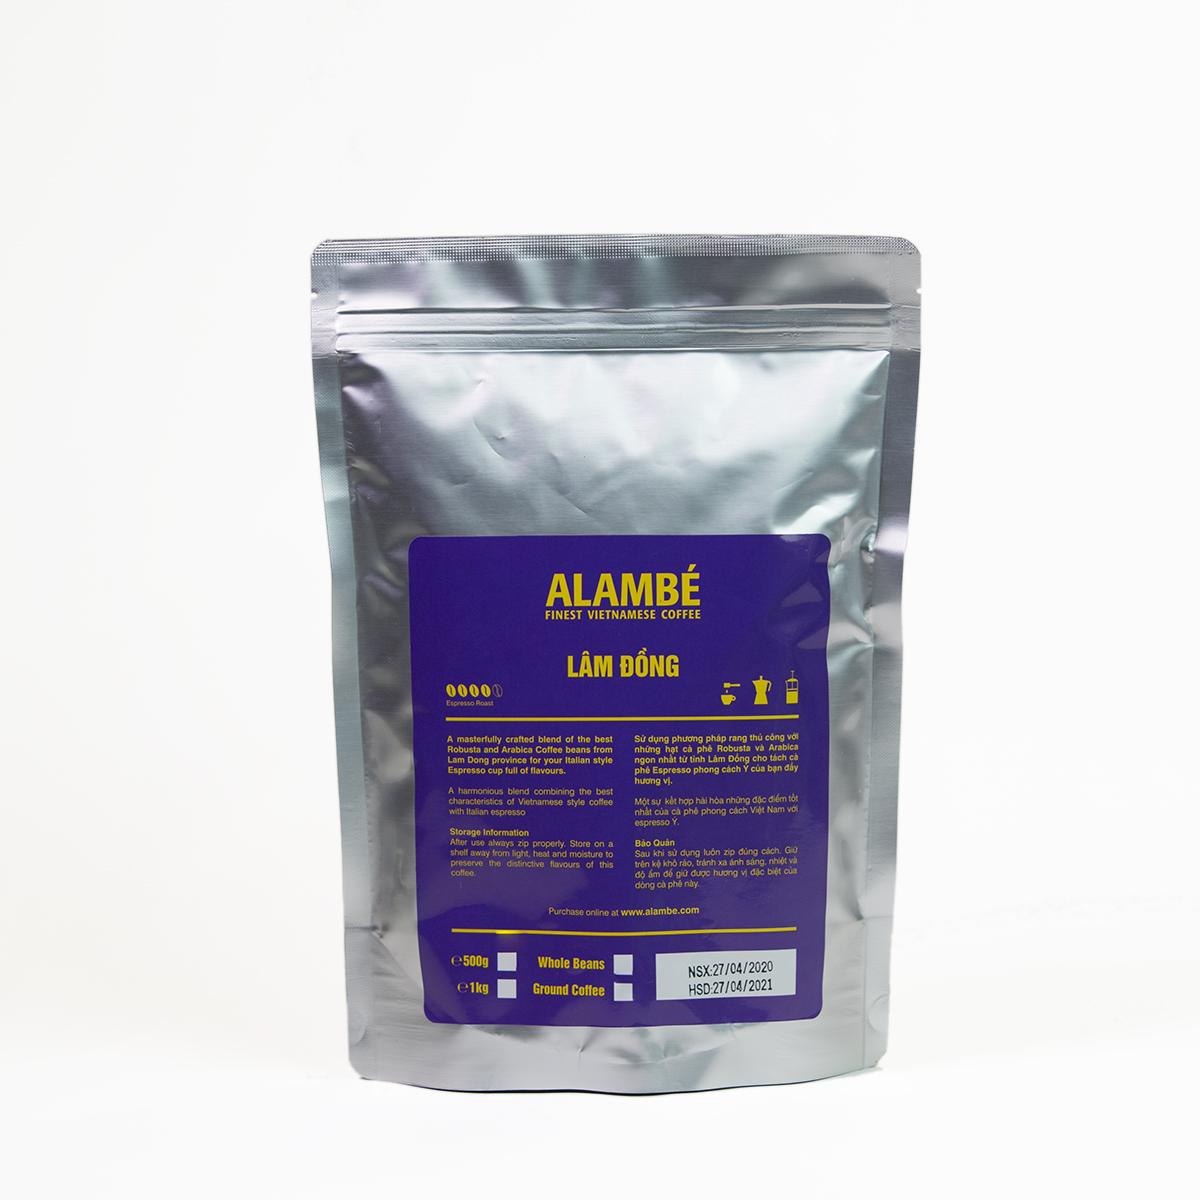 Cà phê rang xay Lâm Đồng ALAMBÉ 500g